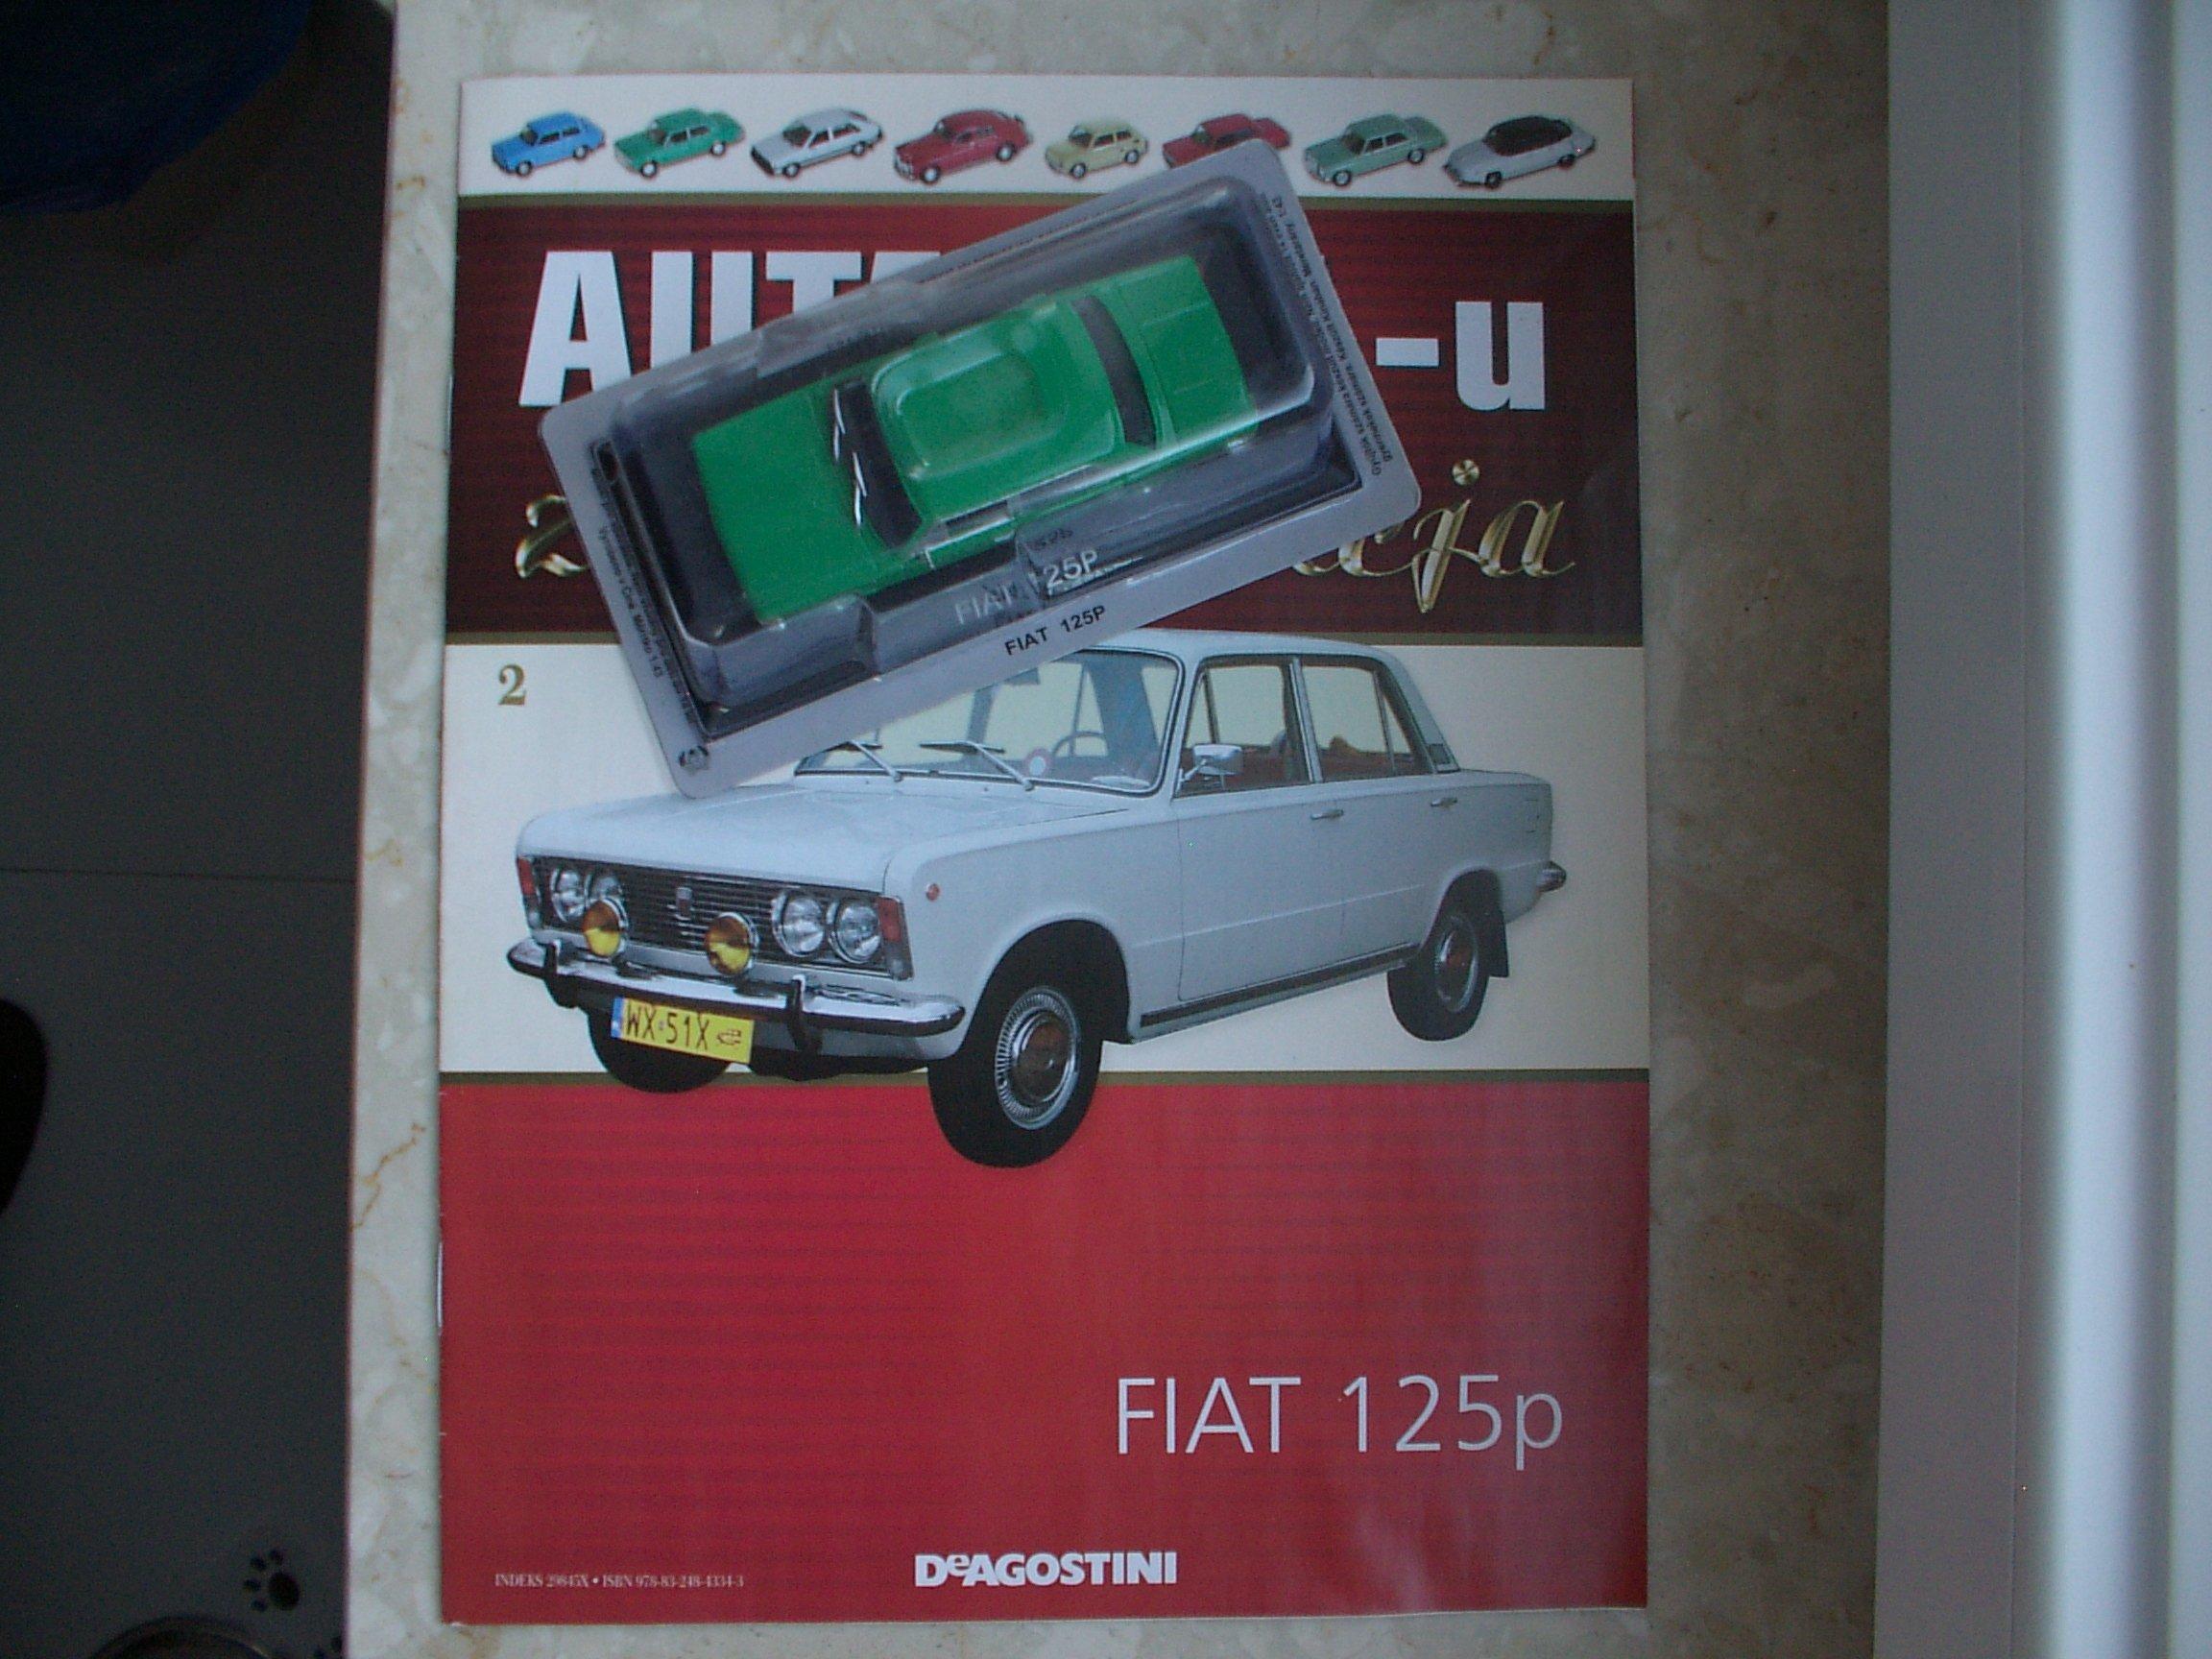 Fiat 125p Nowy Zlota Kolekcja Aut Prl Nr 2 7033398889 Oficjalne Archiwum Allegro